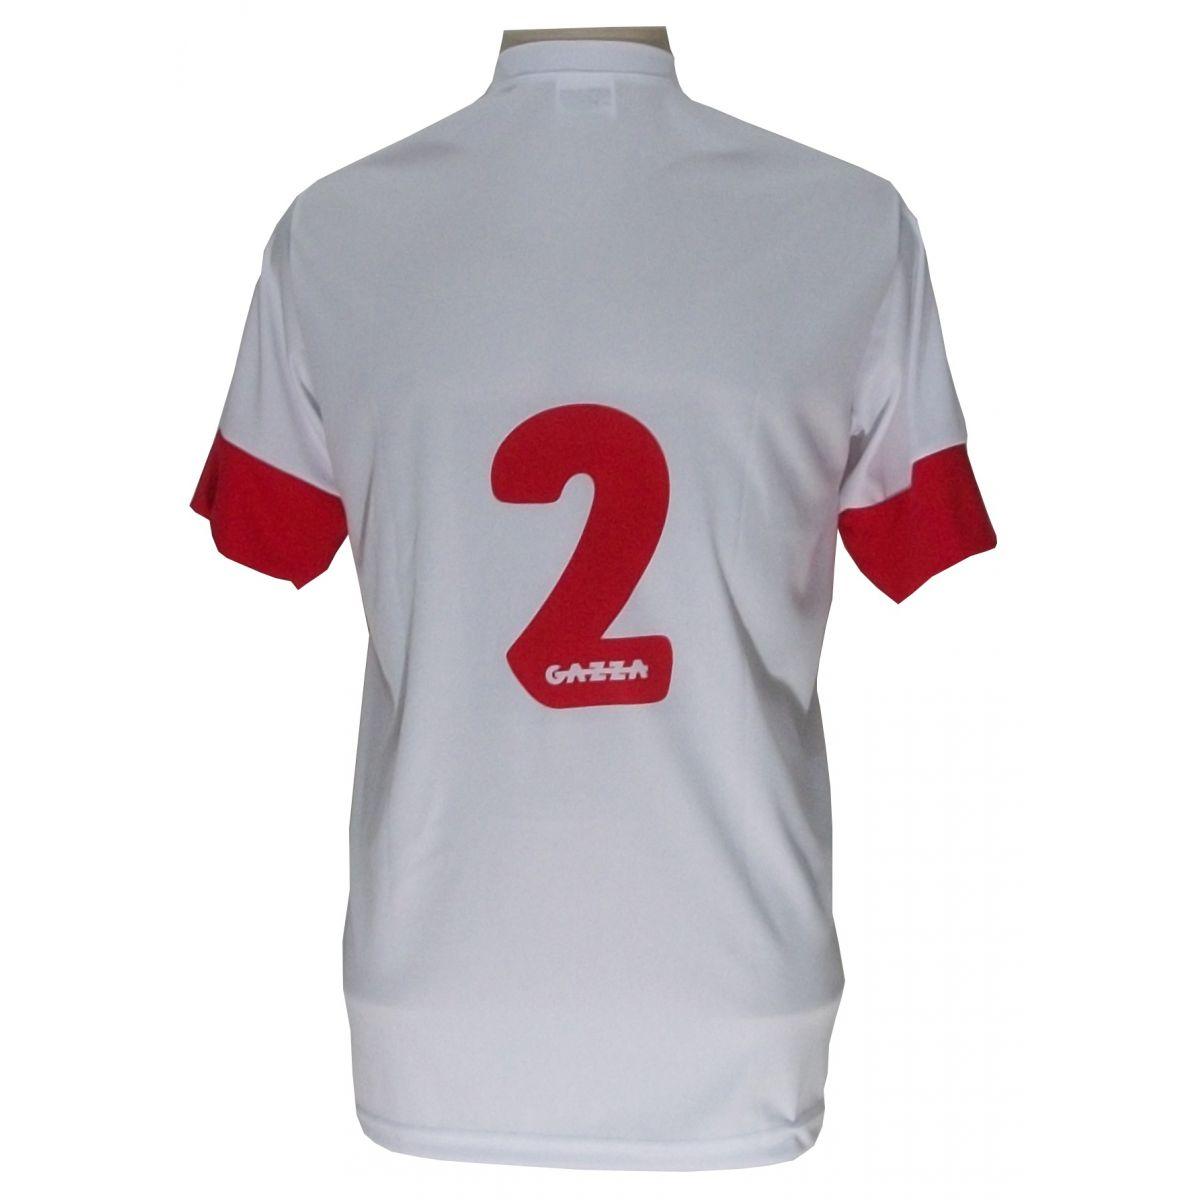 Uniforme Esportivo Completo modelo Sporting 14+1 (14 camisas Branco/Vermelho + 14 calções modelo Copa Vermelho/Branco + 14 pares de meiões Vermelhos + 1 conjunto de goleiro) + Brindes